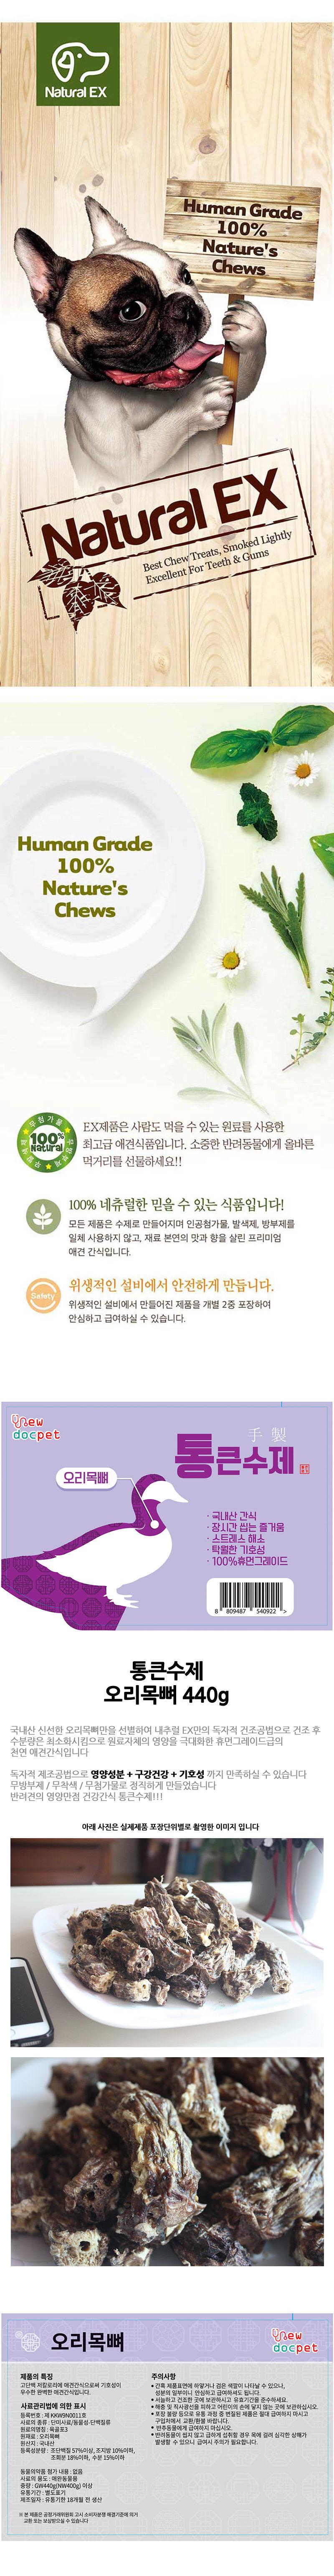 통큰수제간식 오리목뼈 440g - 오-앤, 26,950원, 간식/영양제, 수제간식